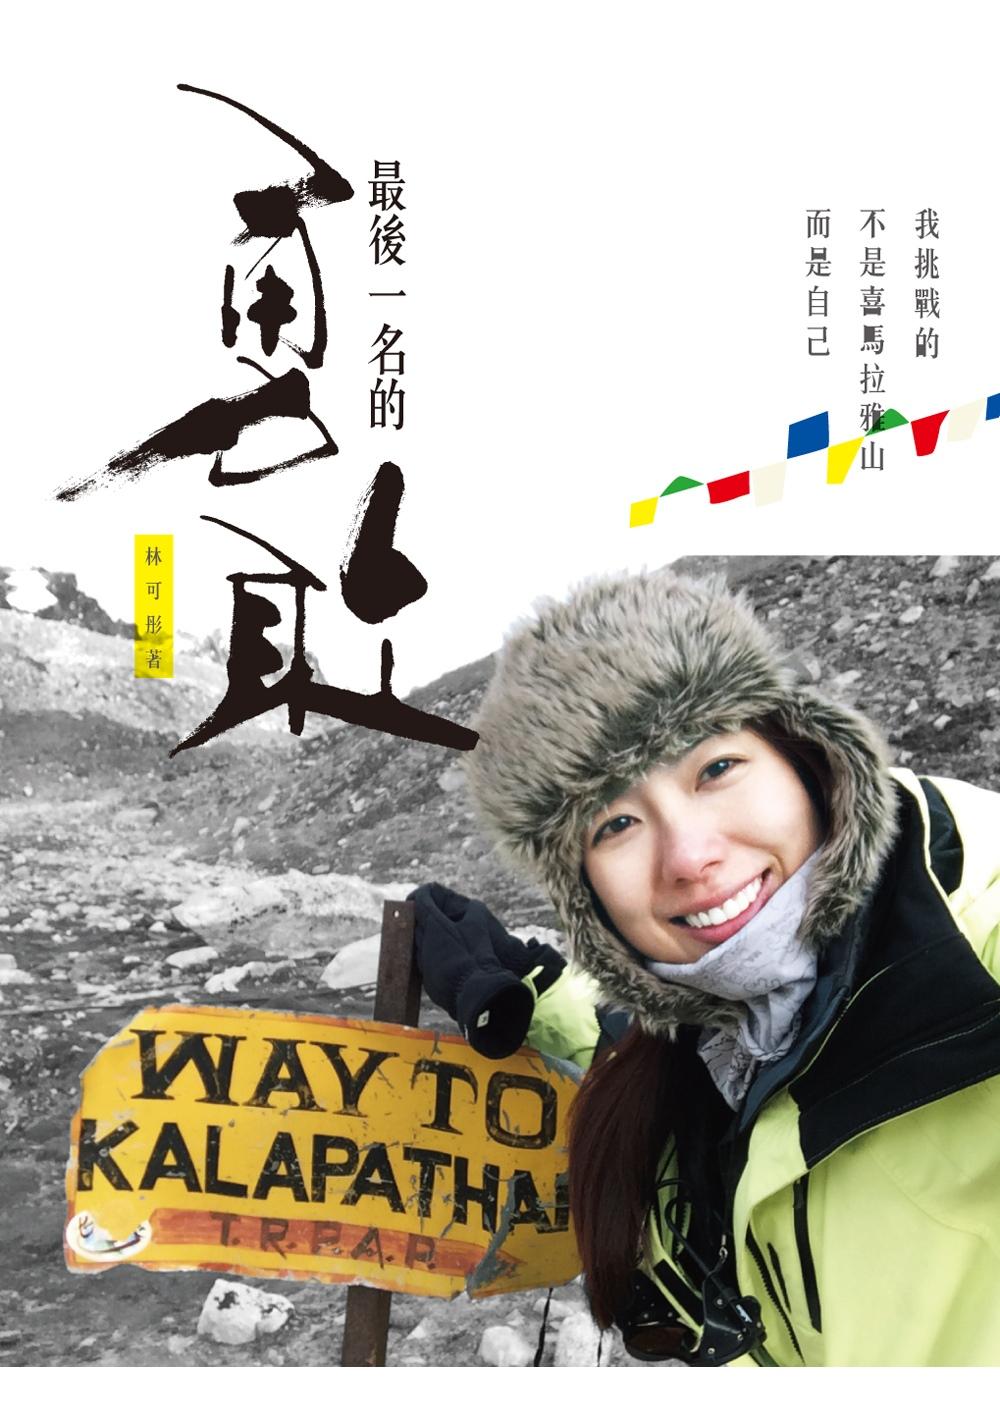 最後一名的勇敢:我挑戰的不是喜馬拉雅山,而是自己